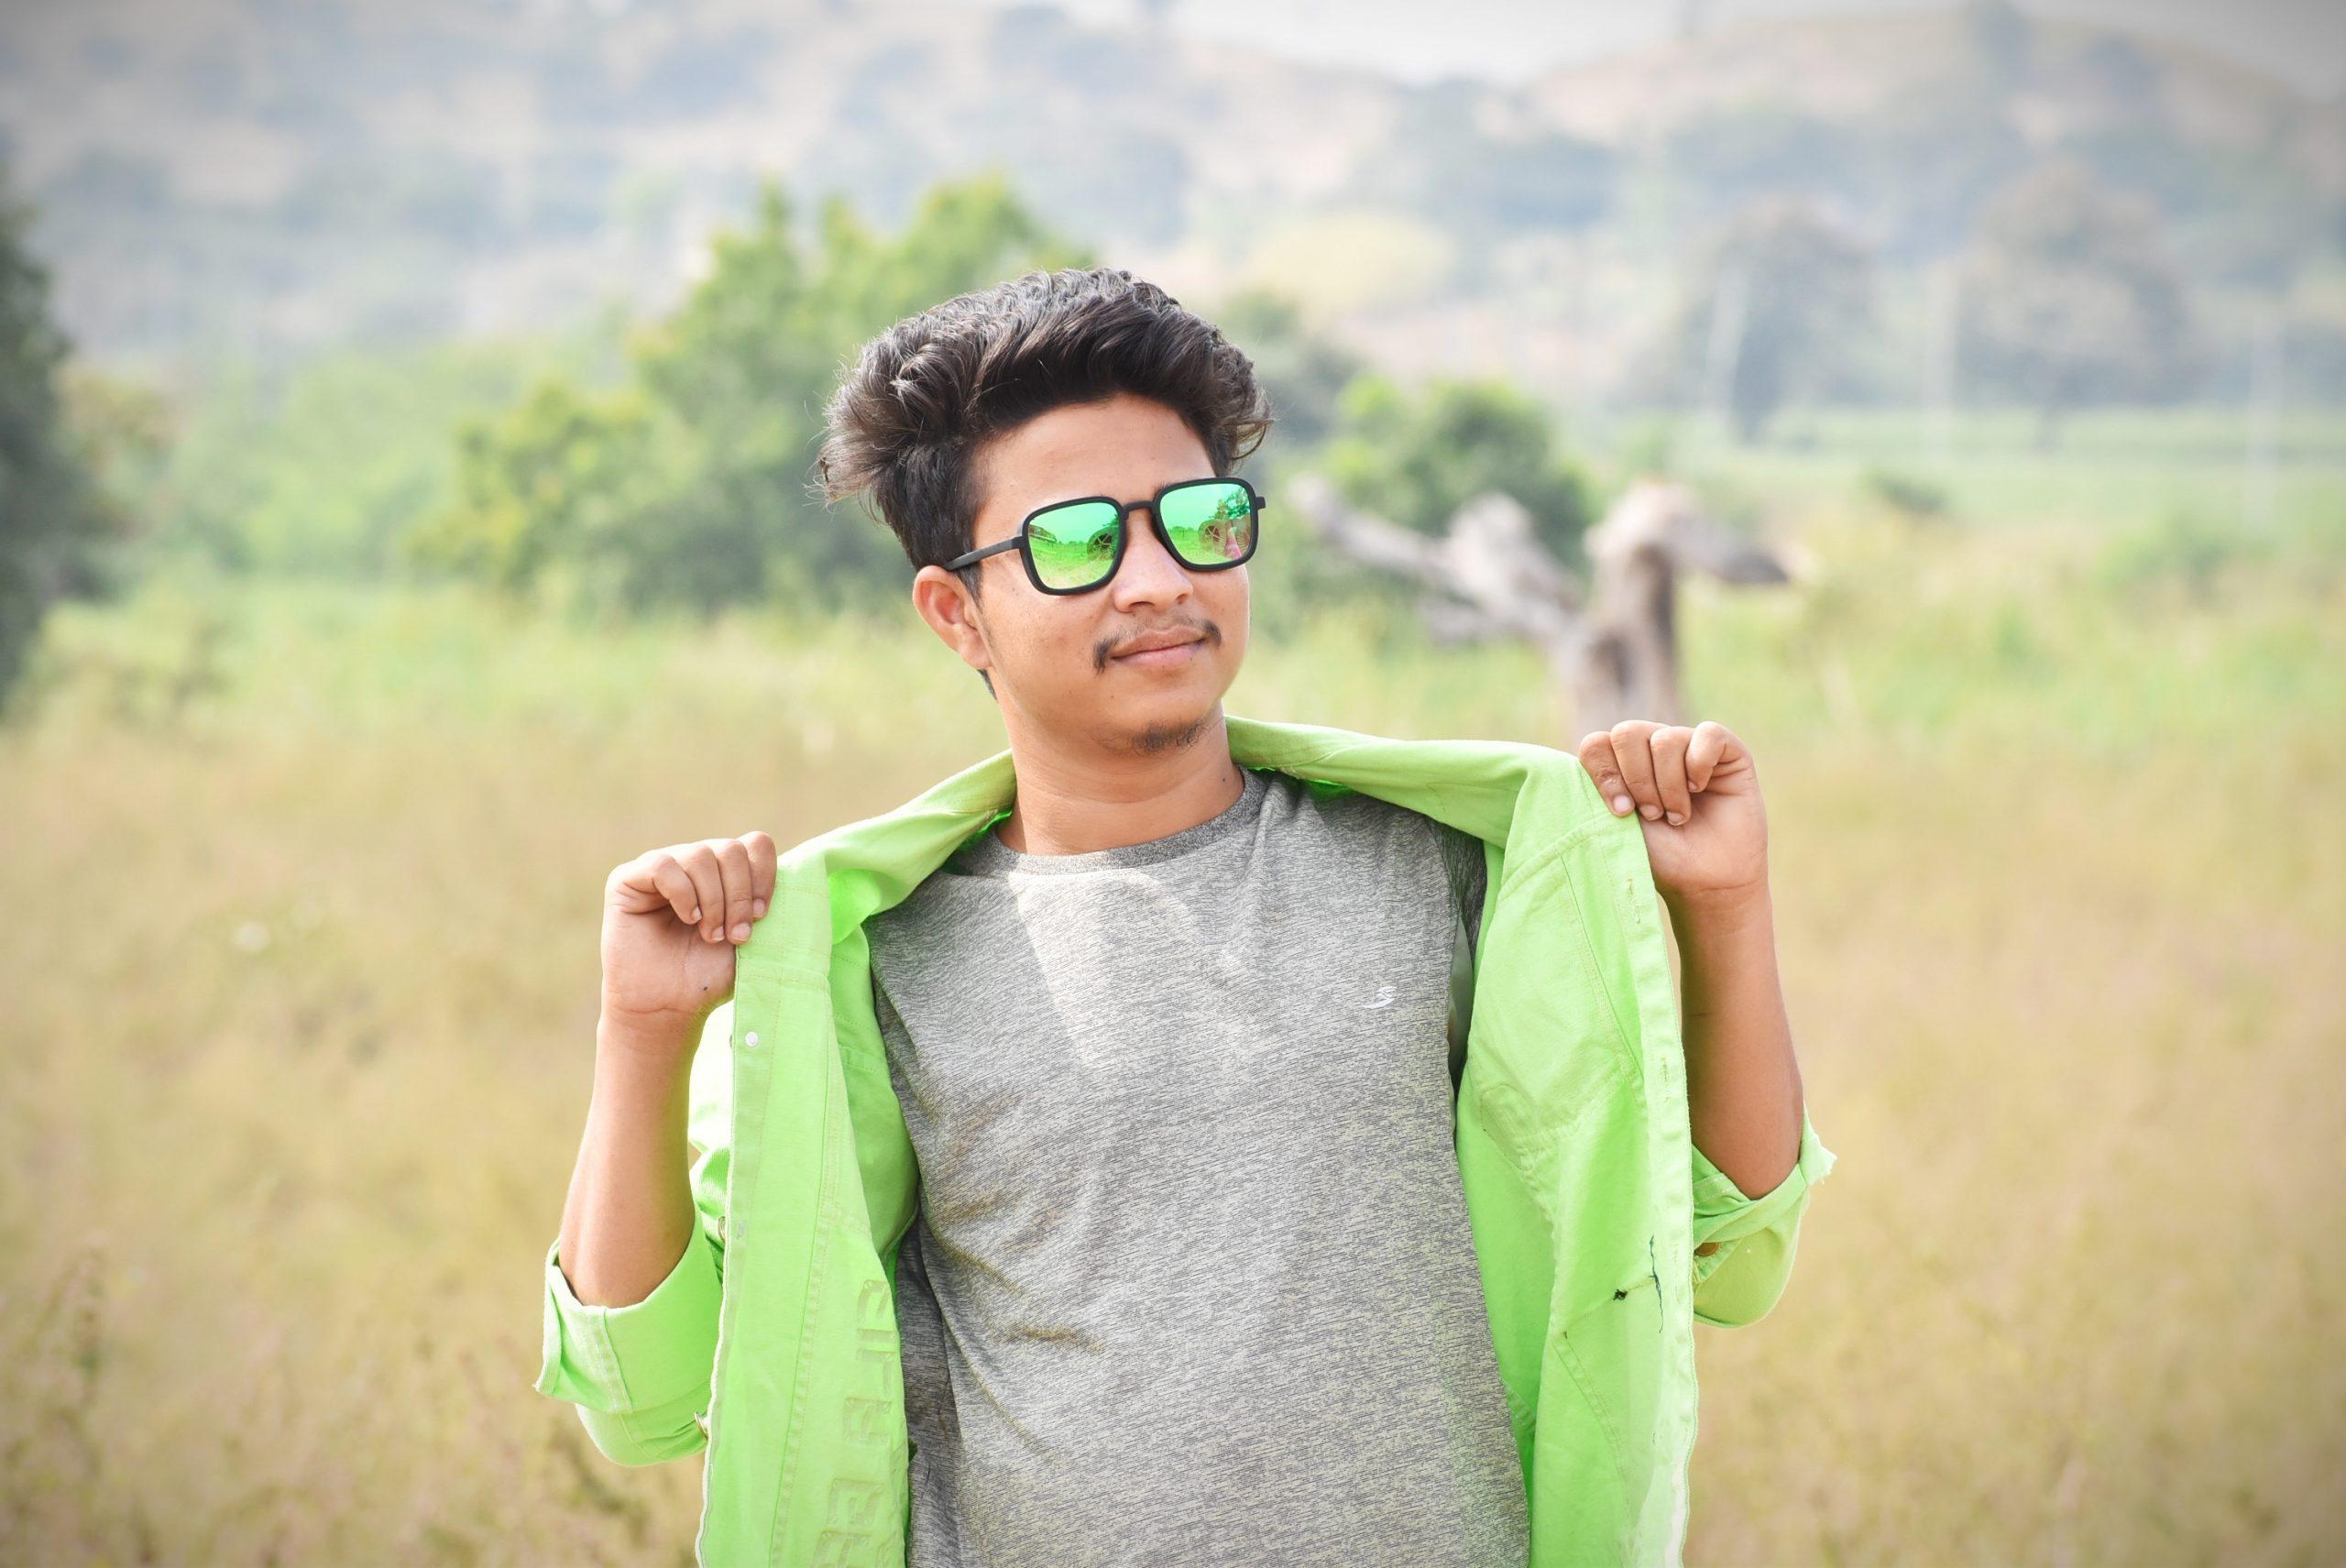 Boy posing in farm